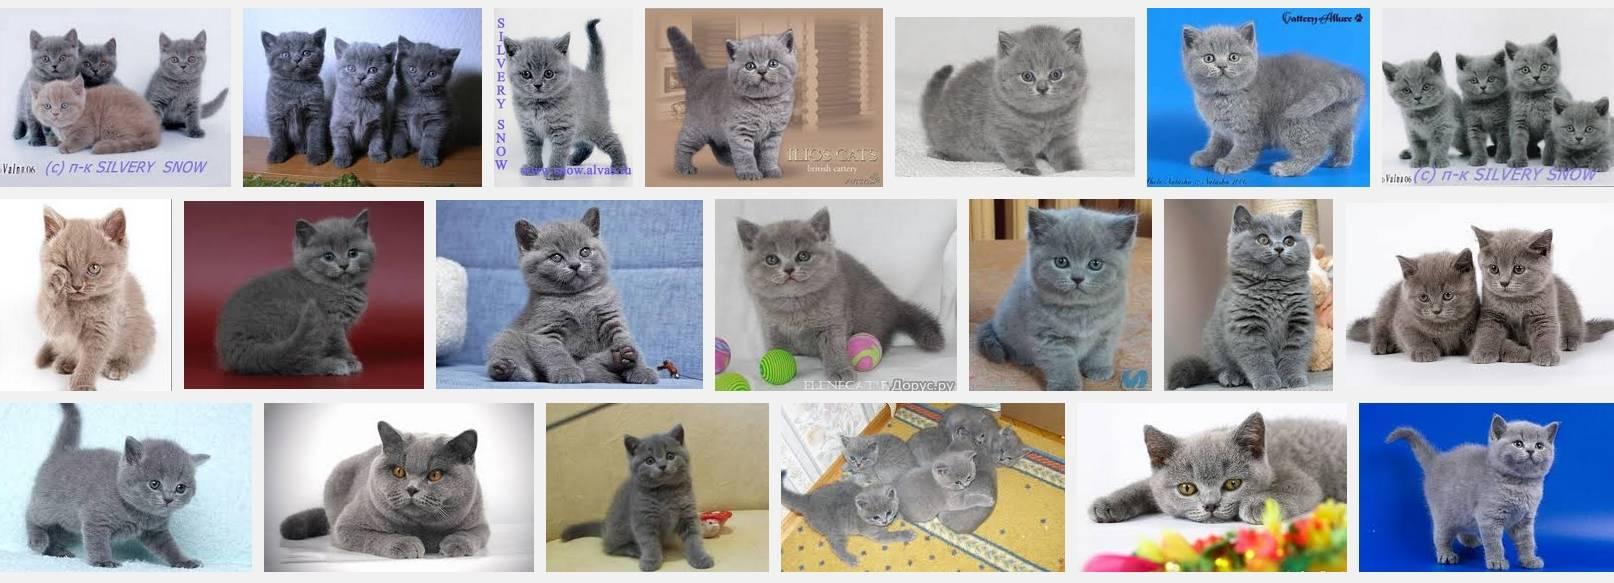 Выбираем британского короткошерстного котенка: как, где и почем; отзывы о характере кошек